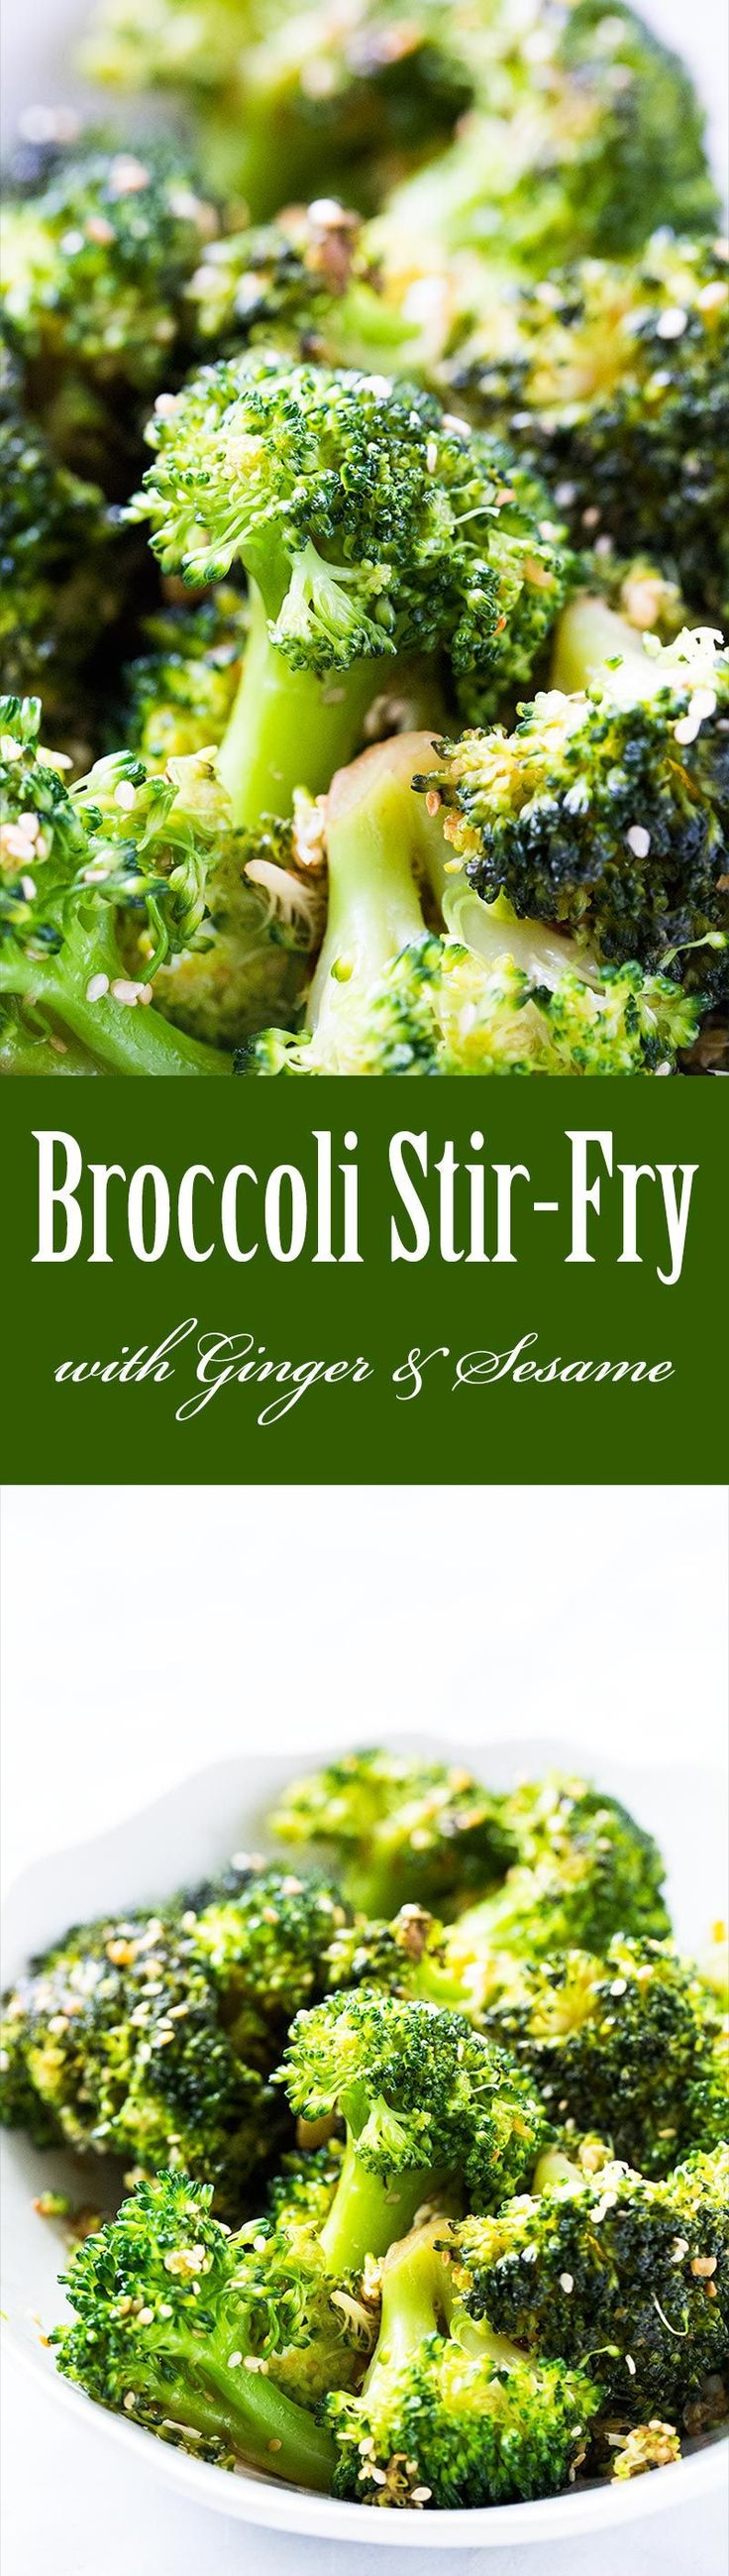 Best 25 Broccoli Stir Fry Ideas On Pinterest  Chicken -8367